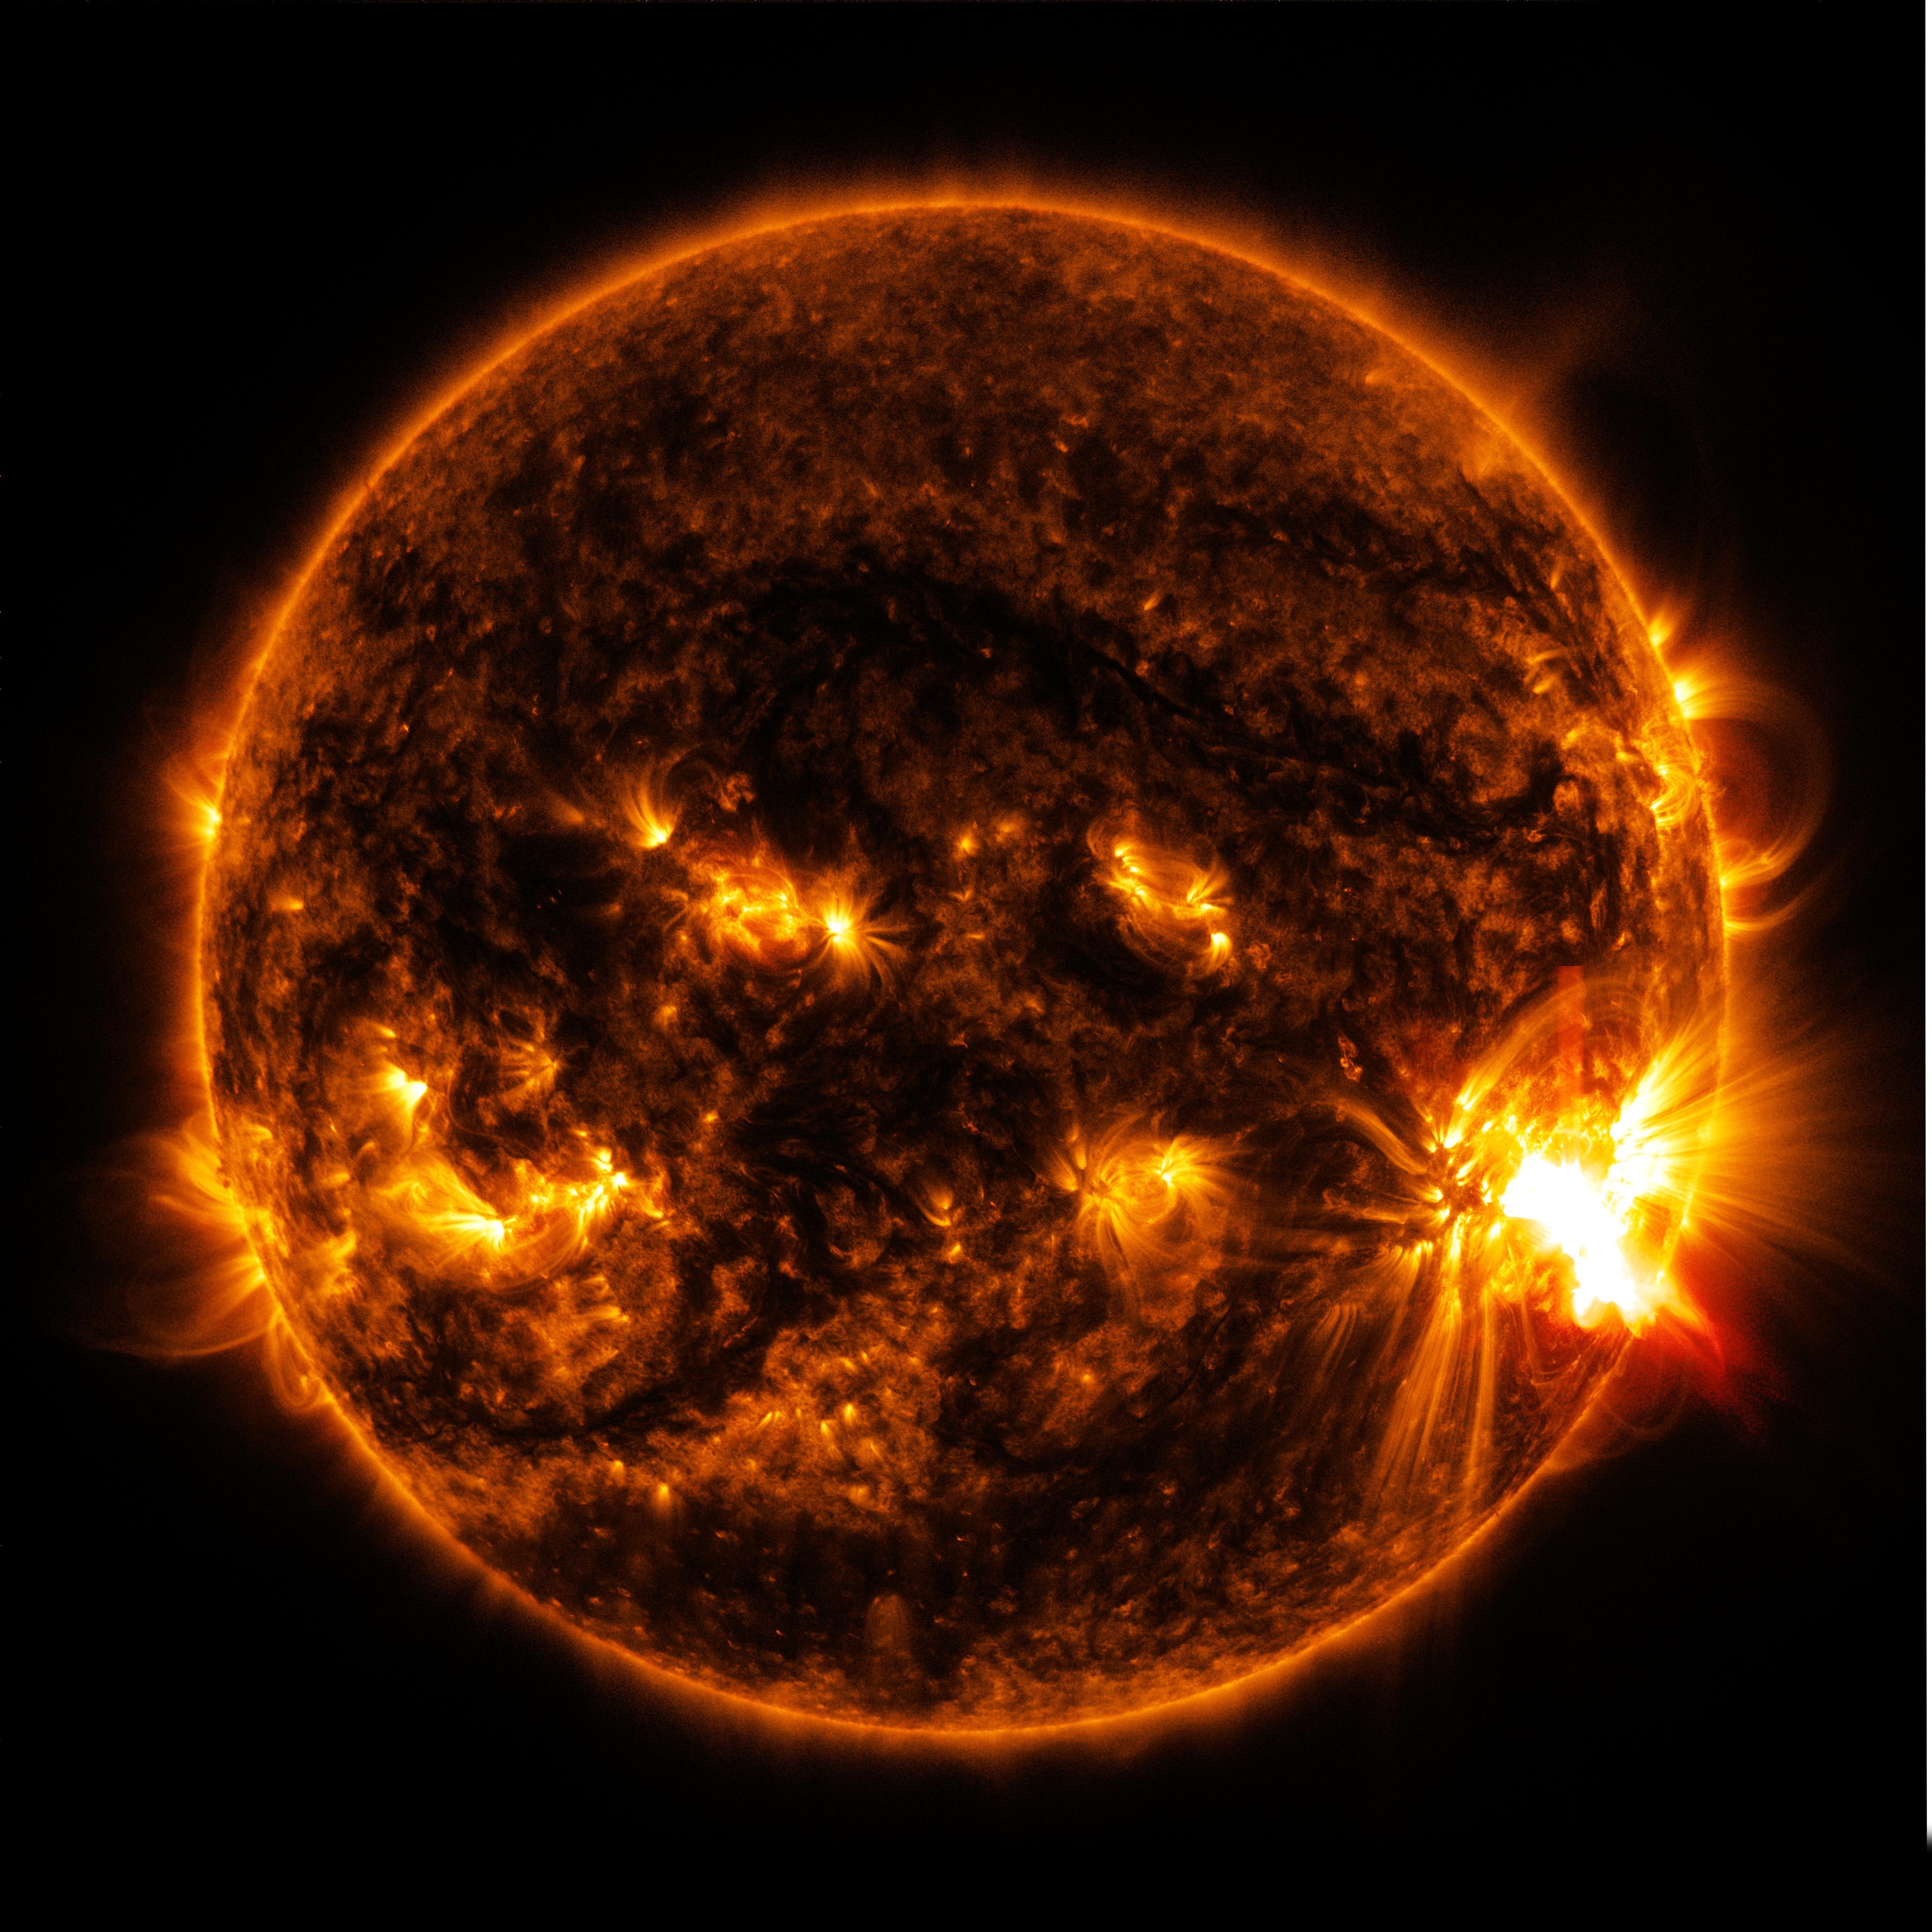 nasa solar flares 2017 earth - photo #10